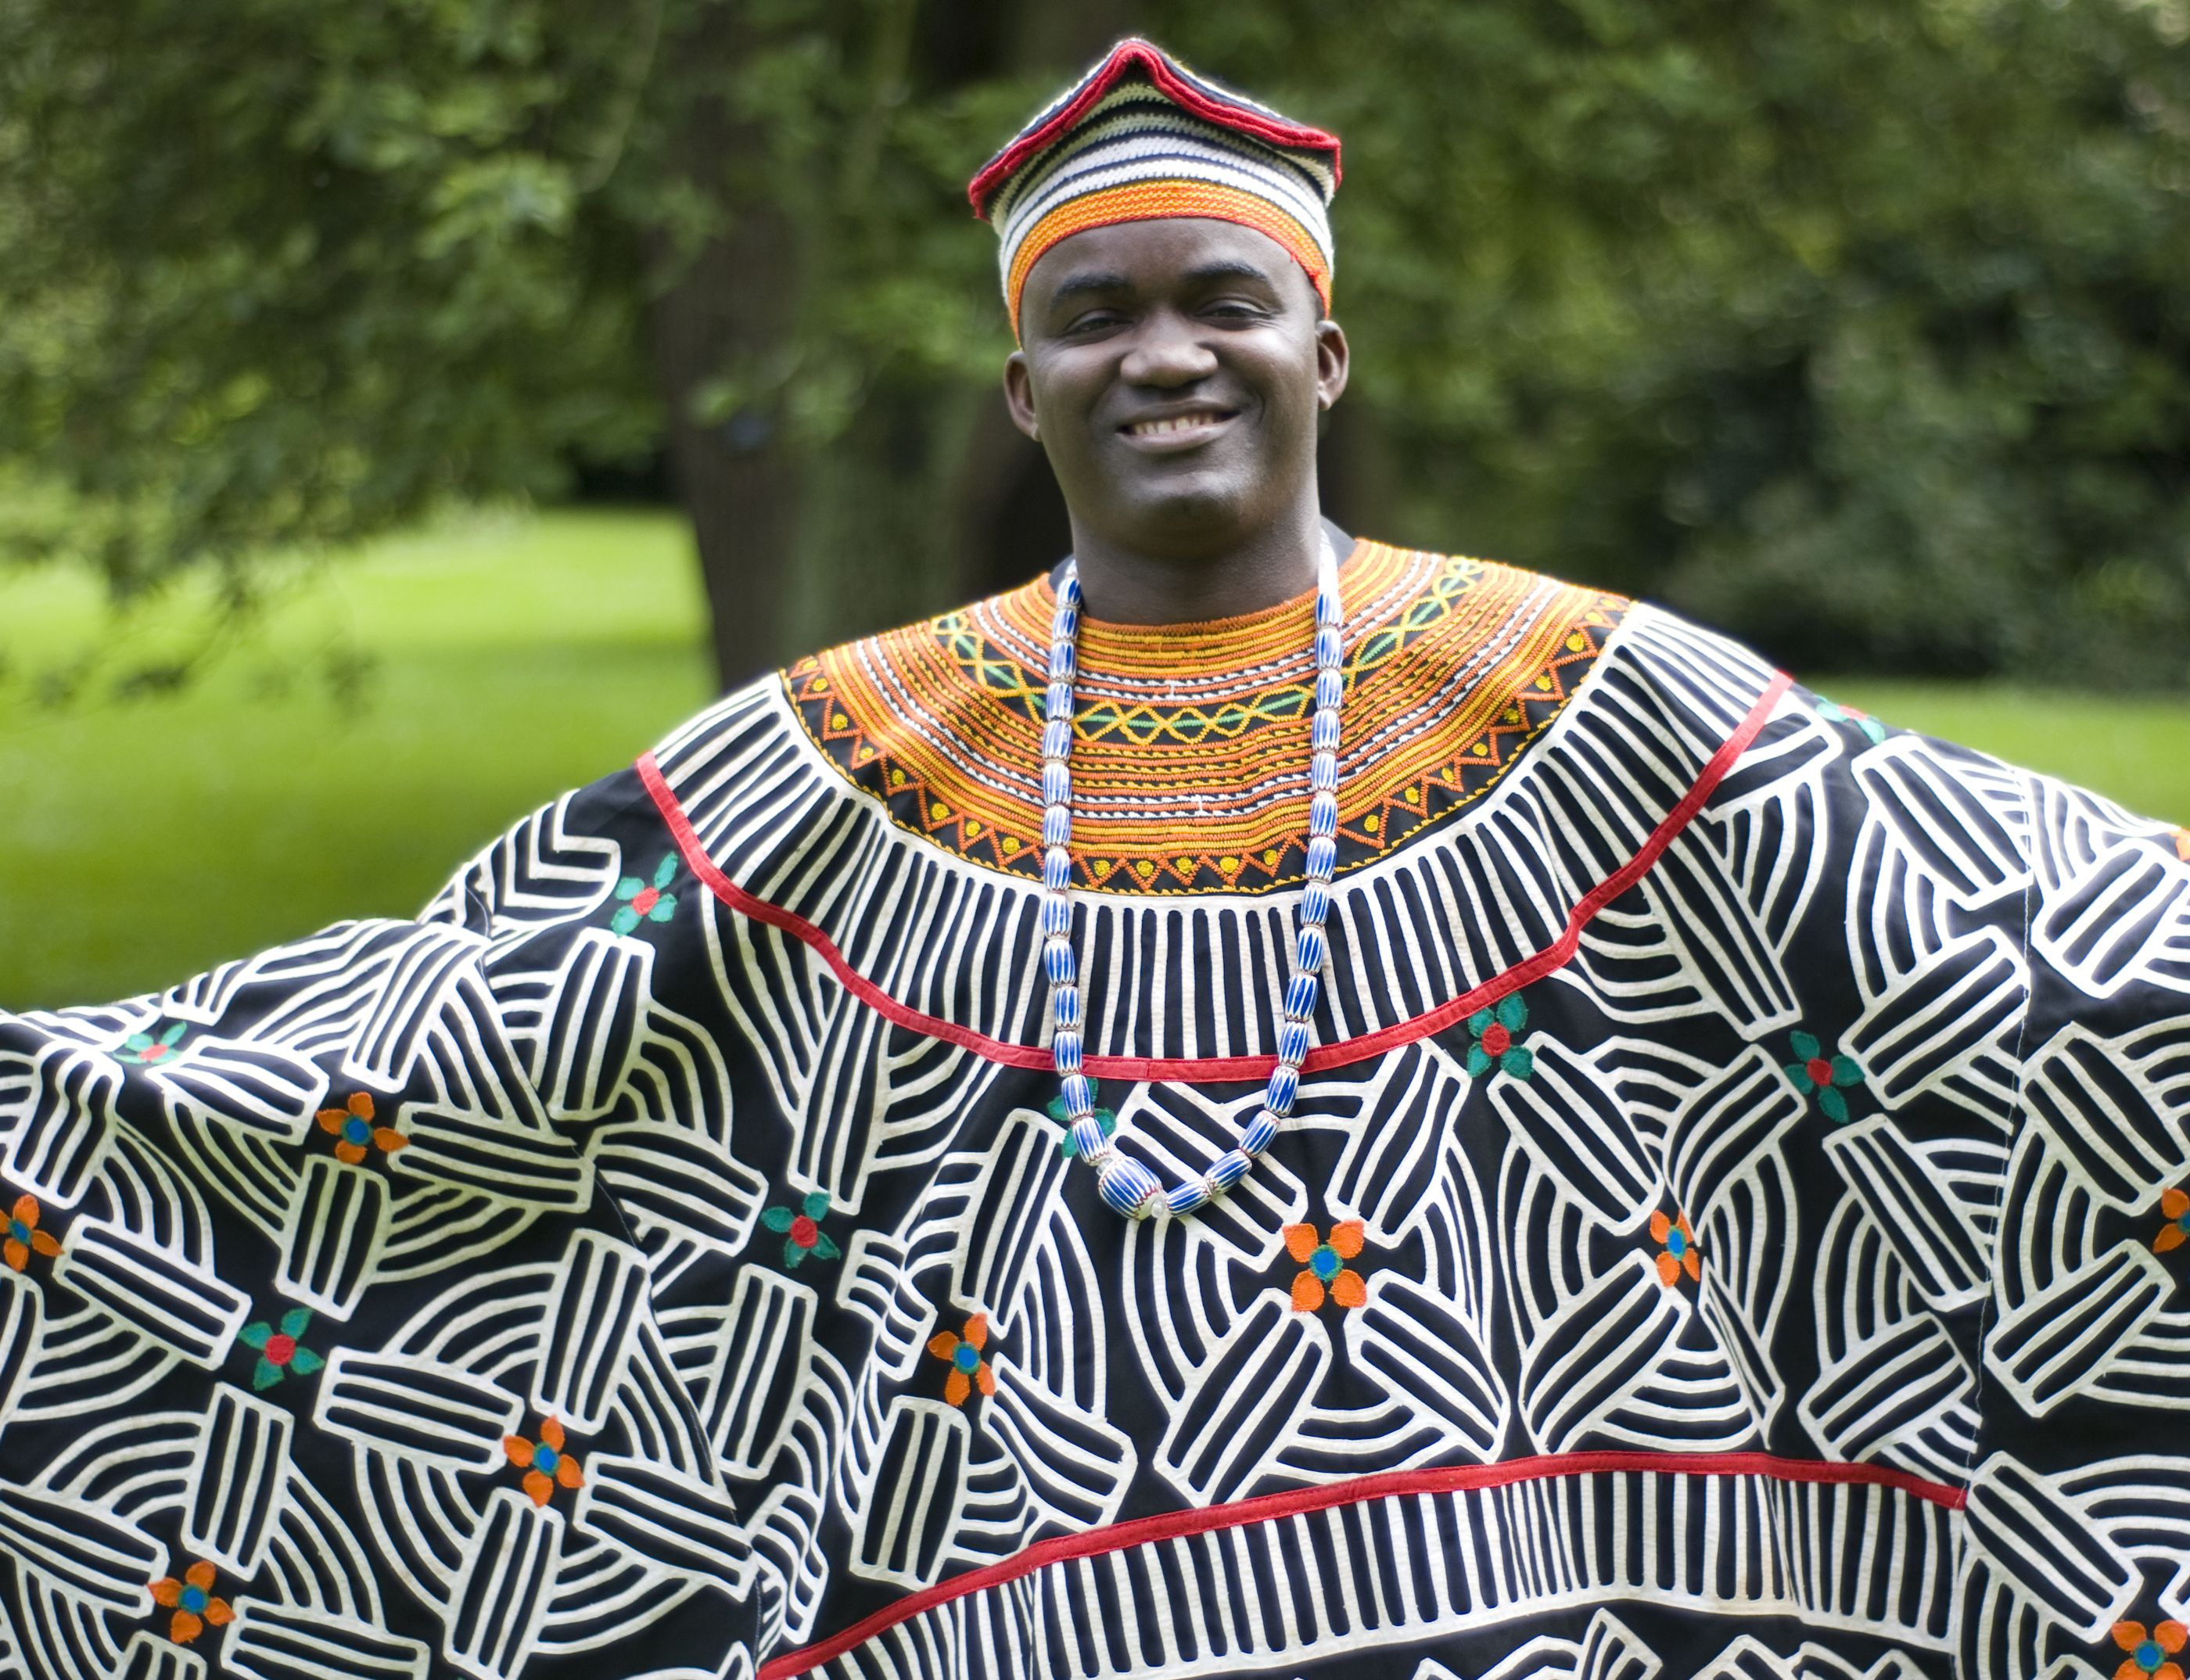 африканский костюм фото безупречным